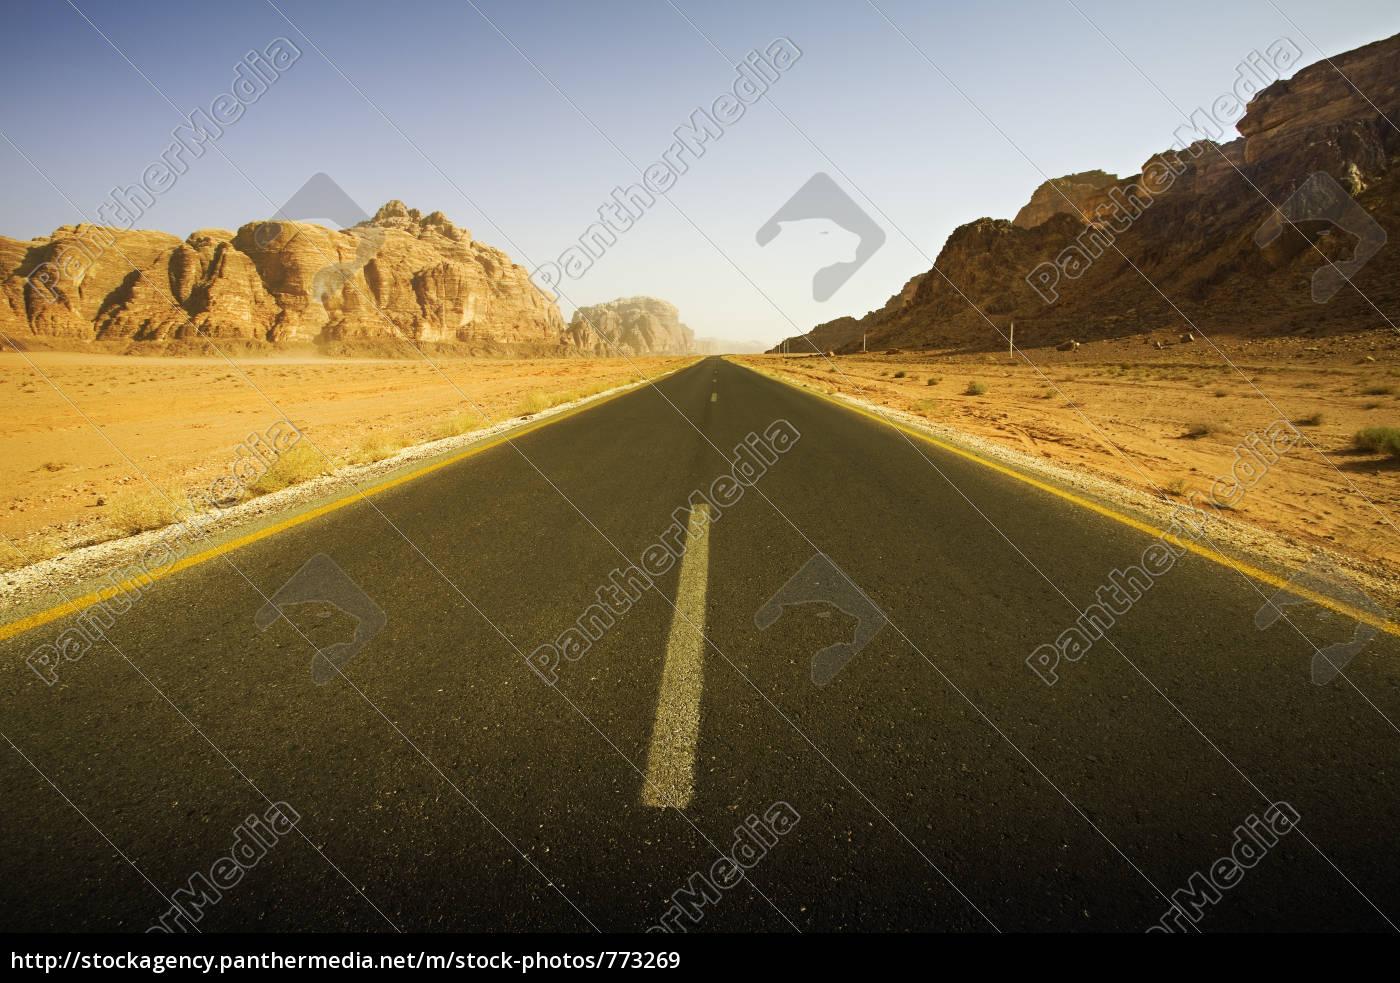 empty, roadway, in, the, desert - 773269